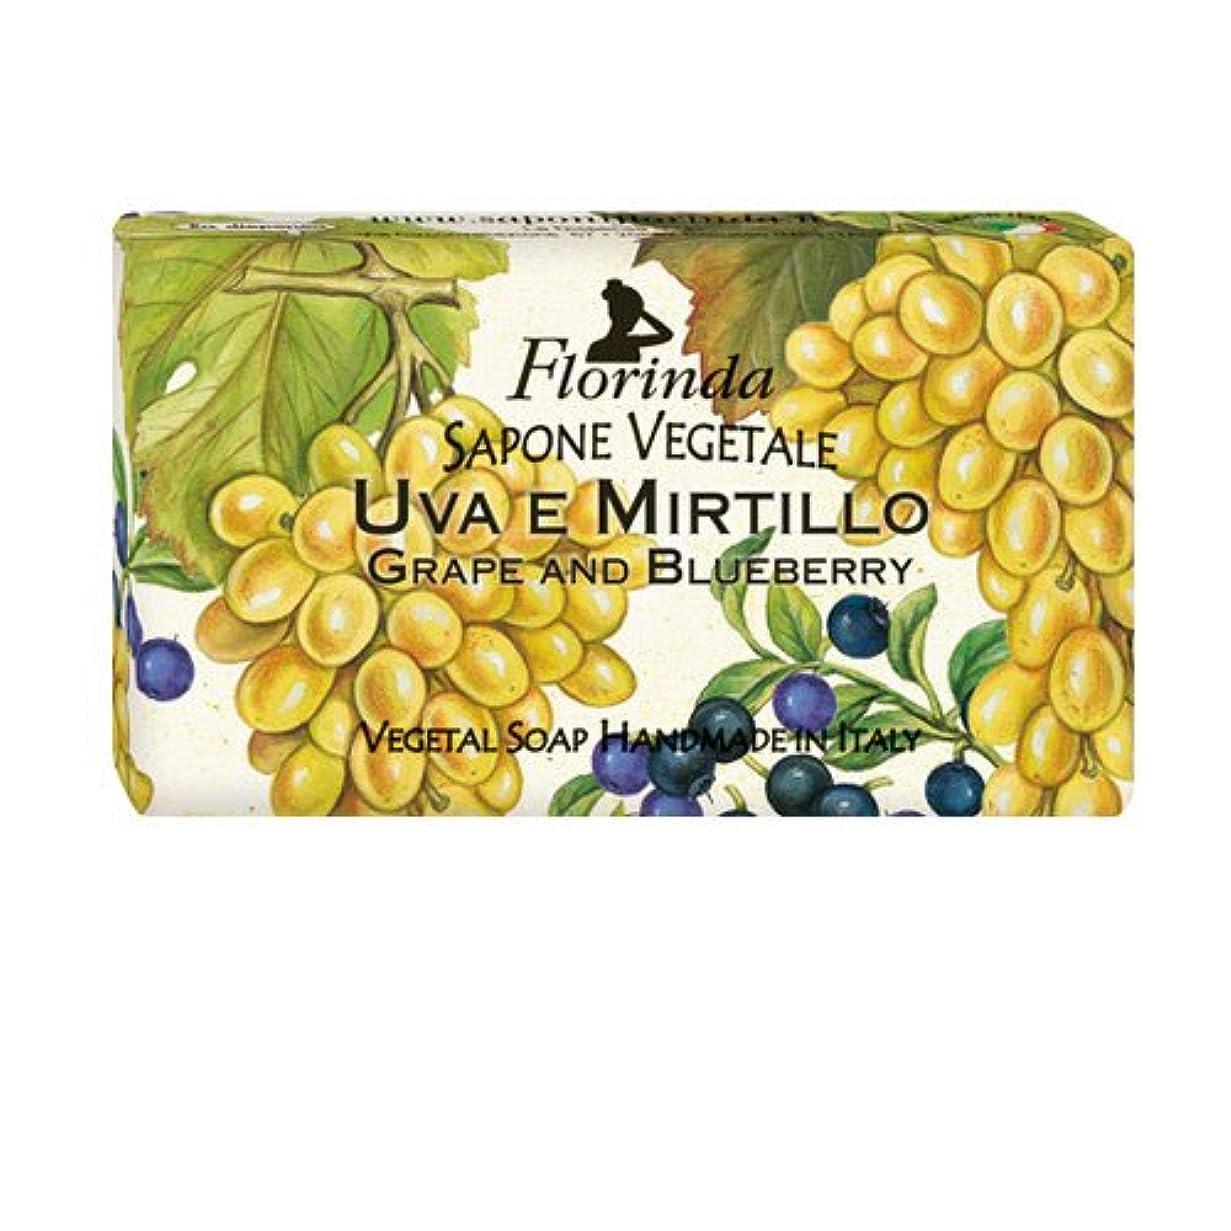 識別するクリスチャン熟達フロリンダ フレグランスソープ フルーツ グレープ&ブルーベリー 95g